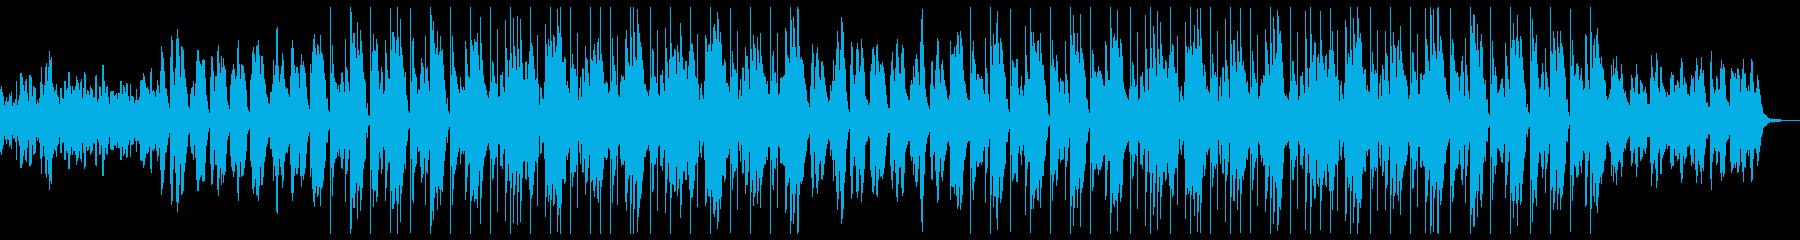 幻想的 不気味 トラップビートの再生済みの波形